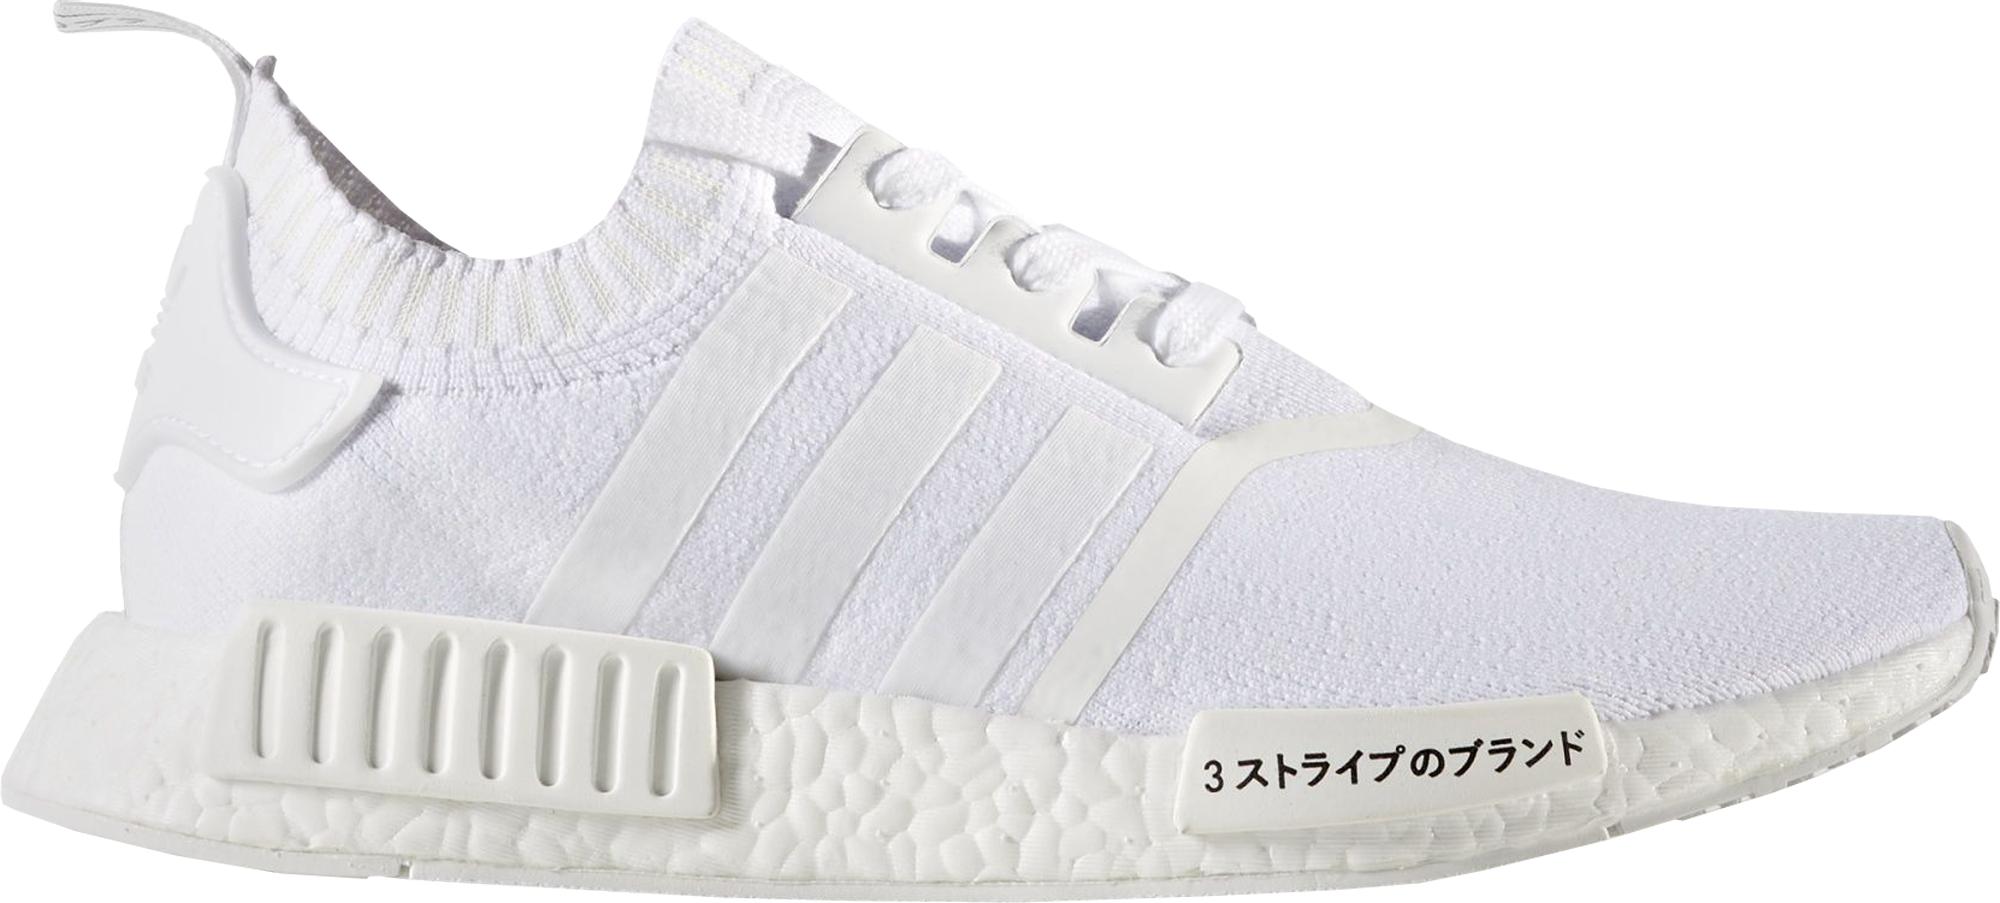 Adidas NMD R1 Japón triple bz0221 blanco